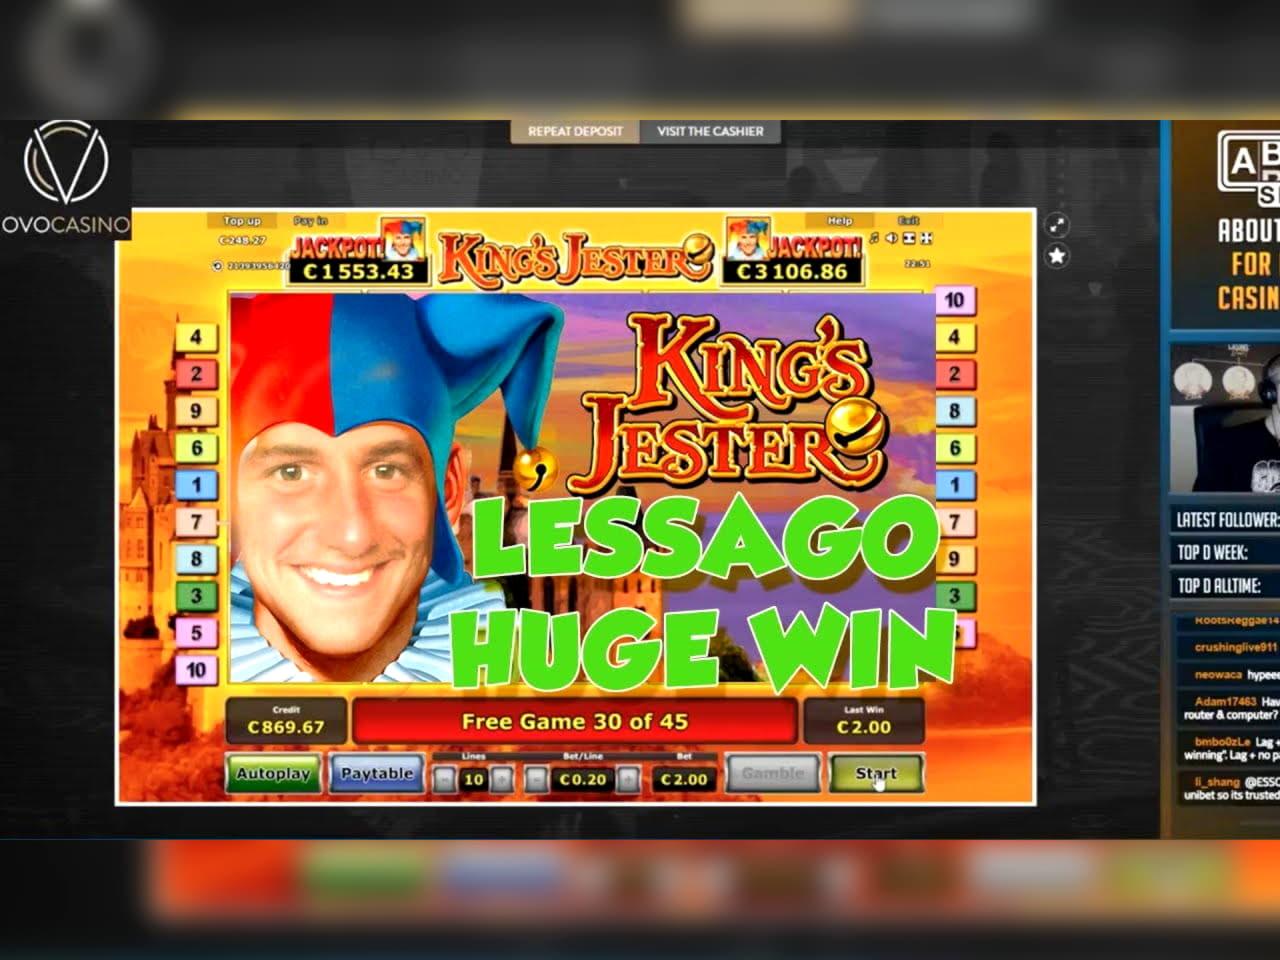 EURO 3215 NO DEPOSIT CASINO BONUS at Casino com